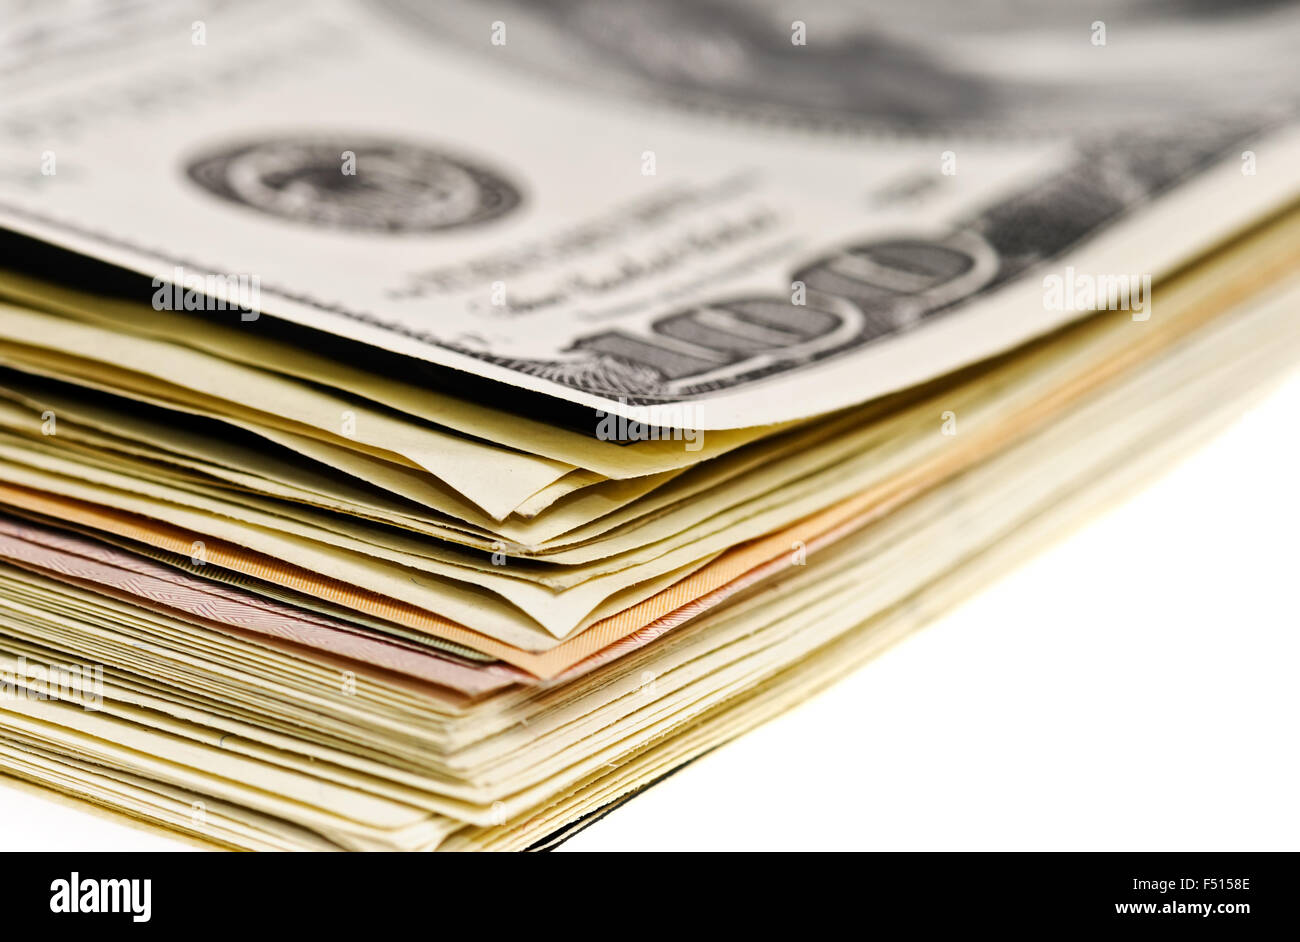 Pila di banconote di dollari vista macro isolato su bianco Immagini Stock